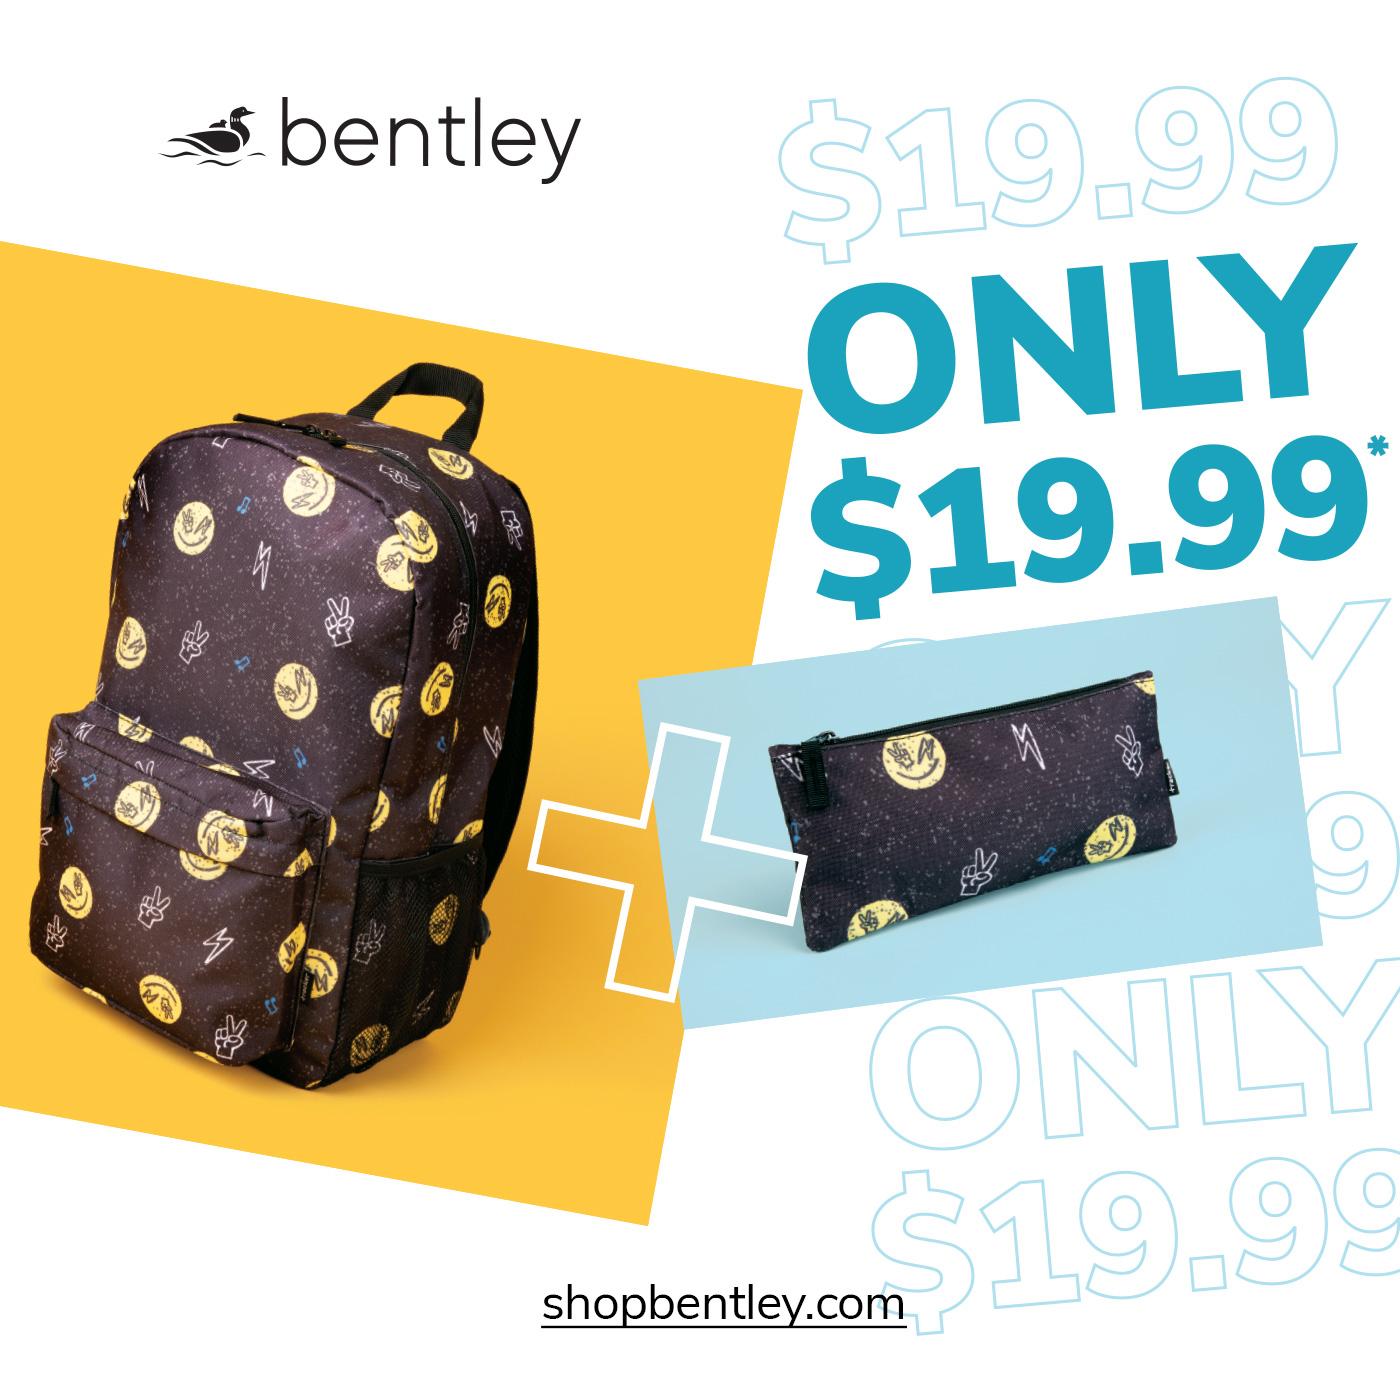 Backpack 19.99